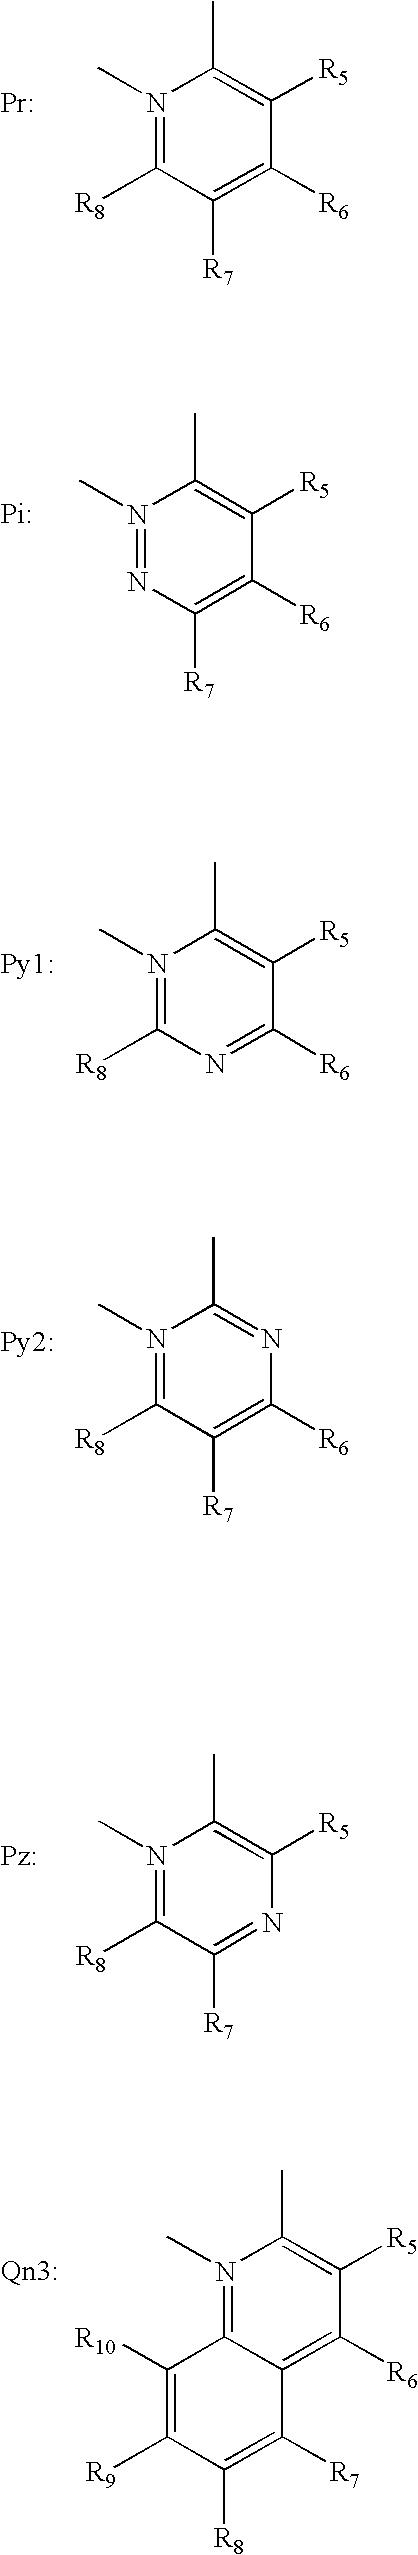 Figure US07544426-20090609-C00011